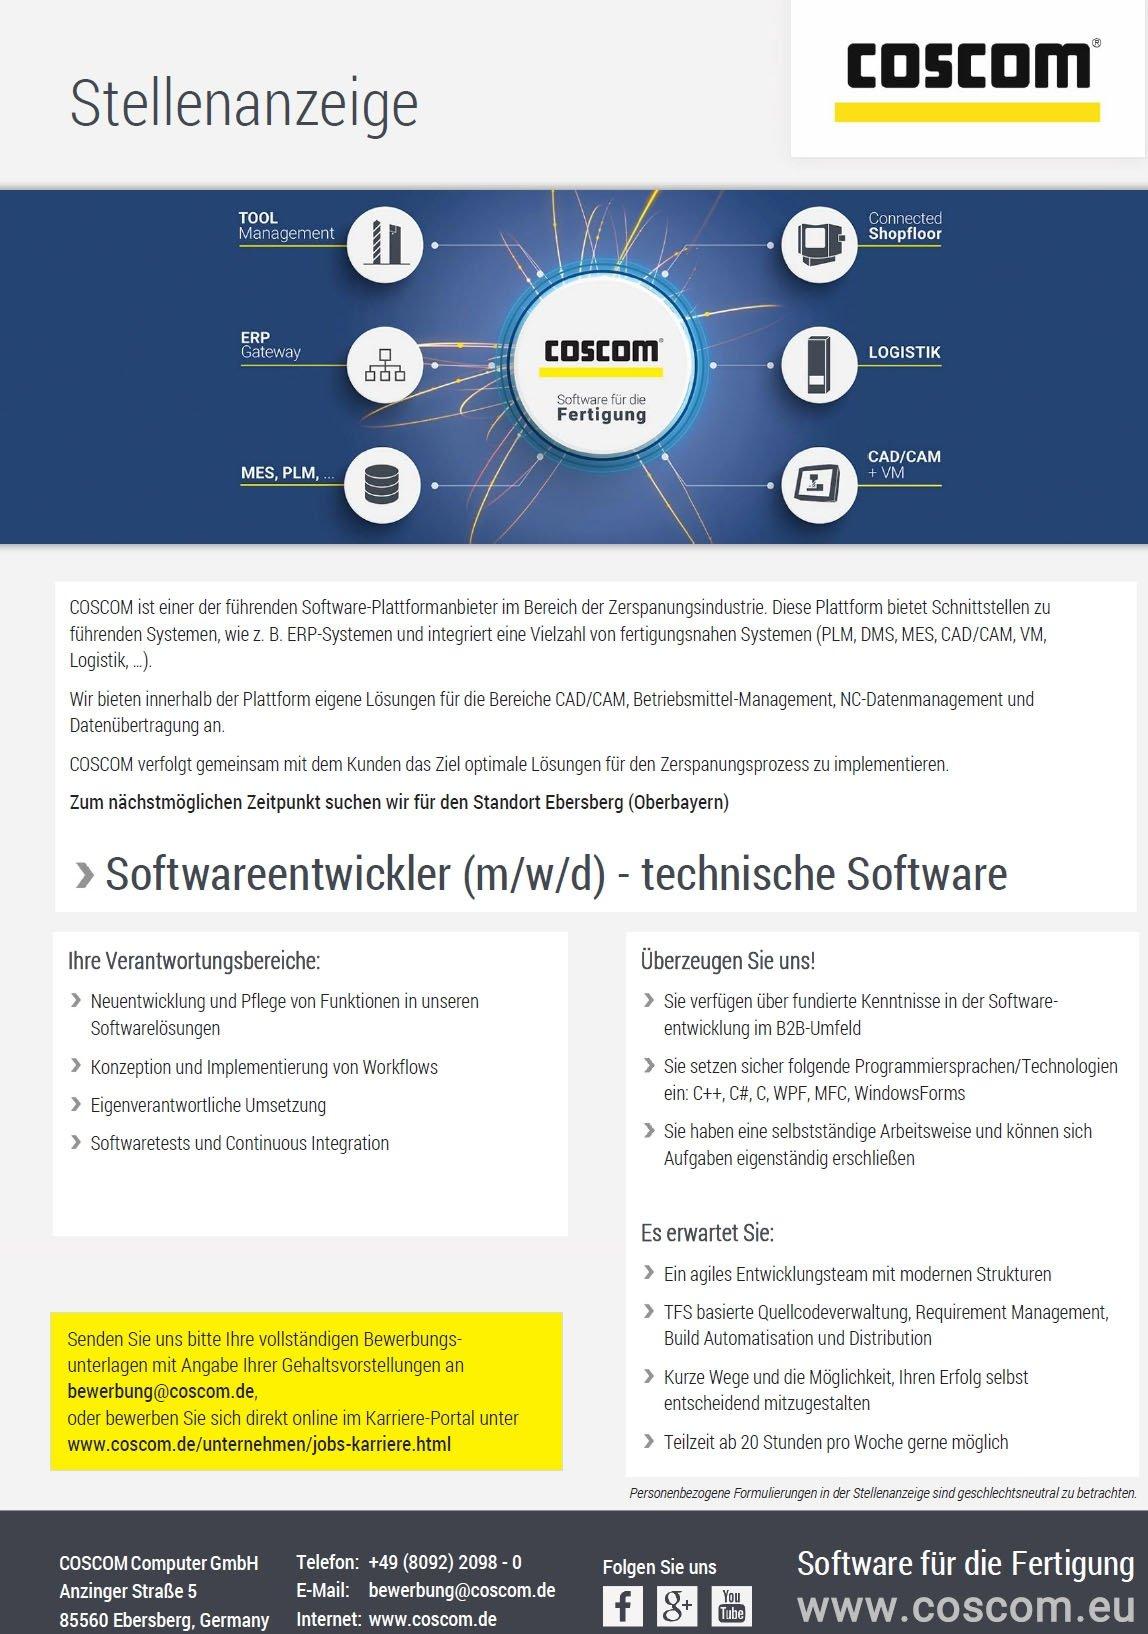 Softwareentwickler (m/w/d) - technische Software